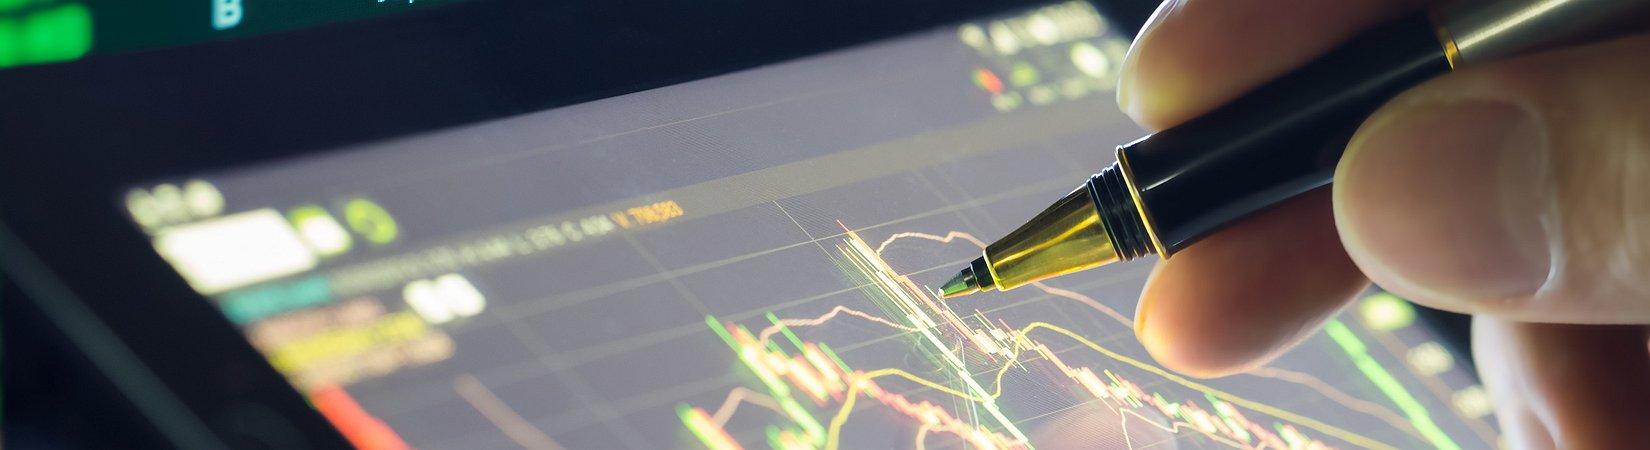 Trading Technologies y Coinbase permitirán la negociación de bitcoin y de futuros de bitcoin